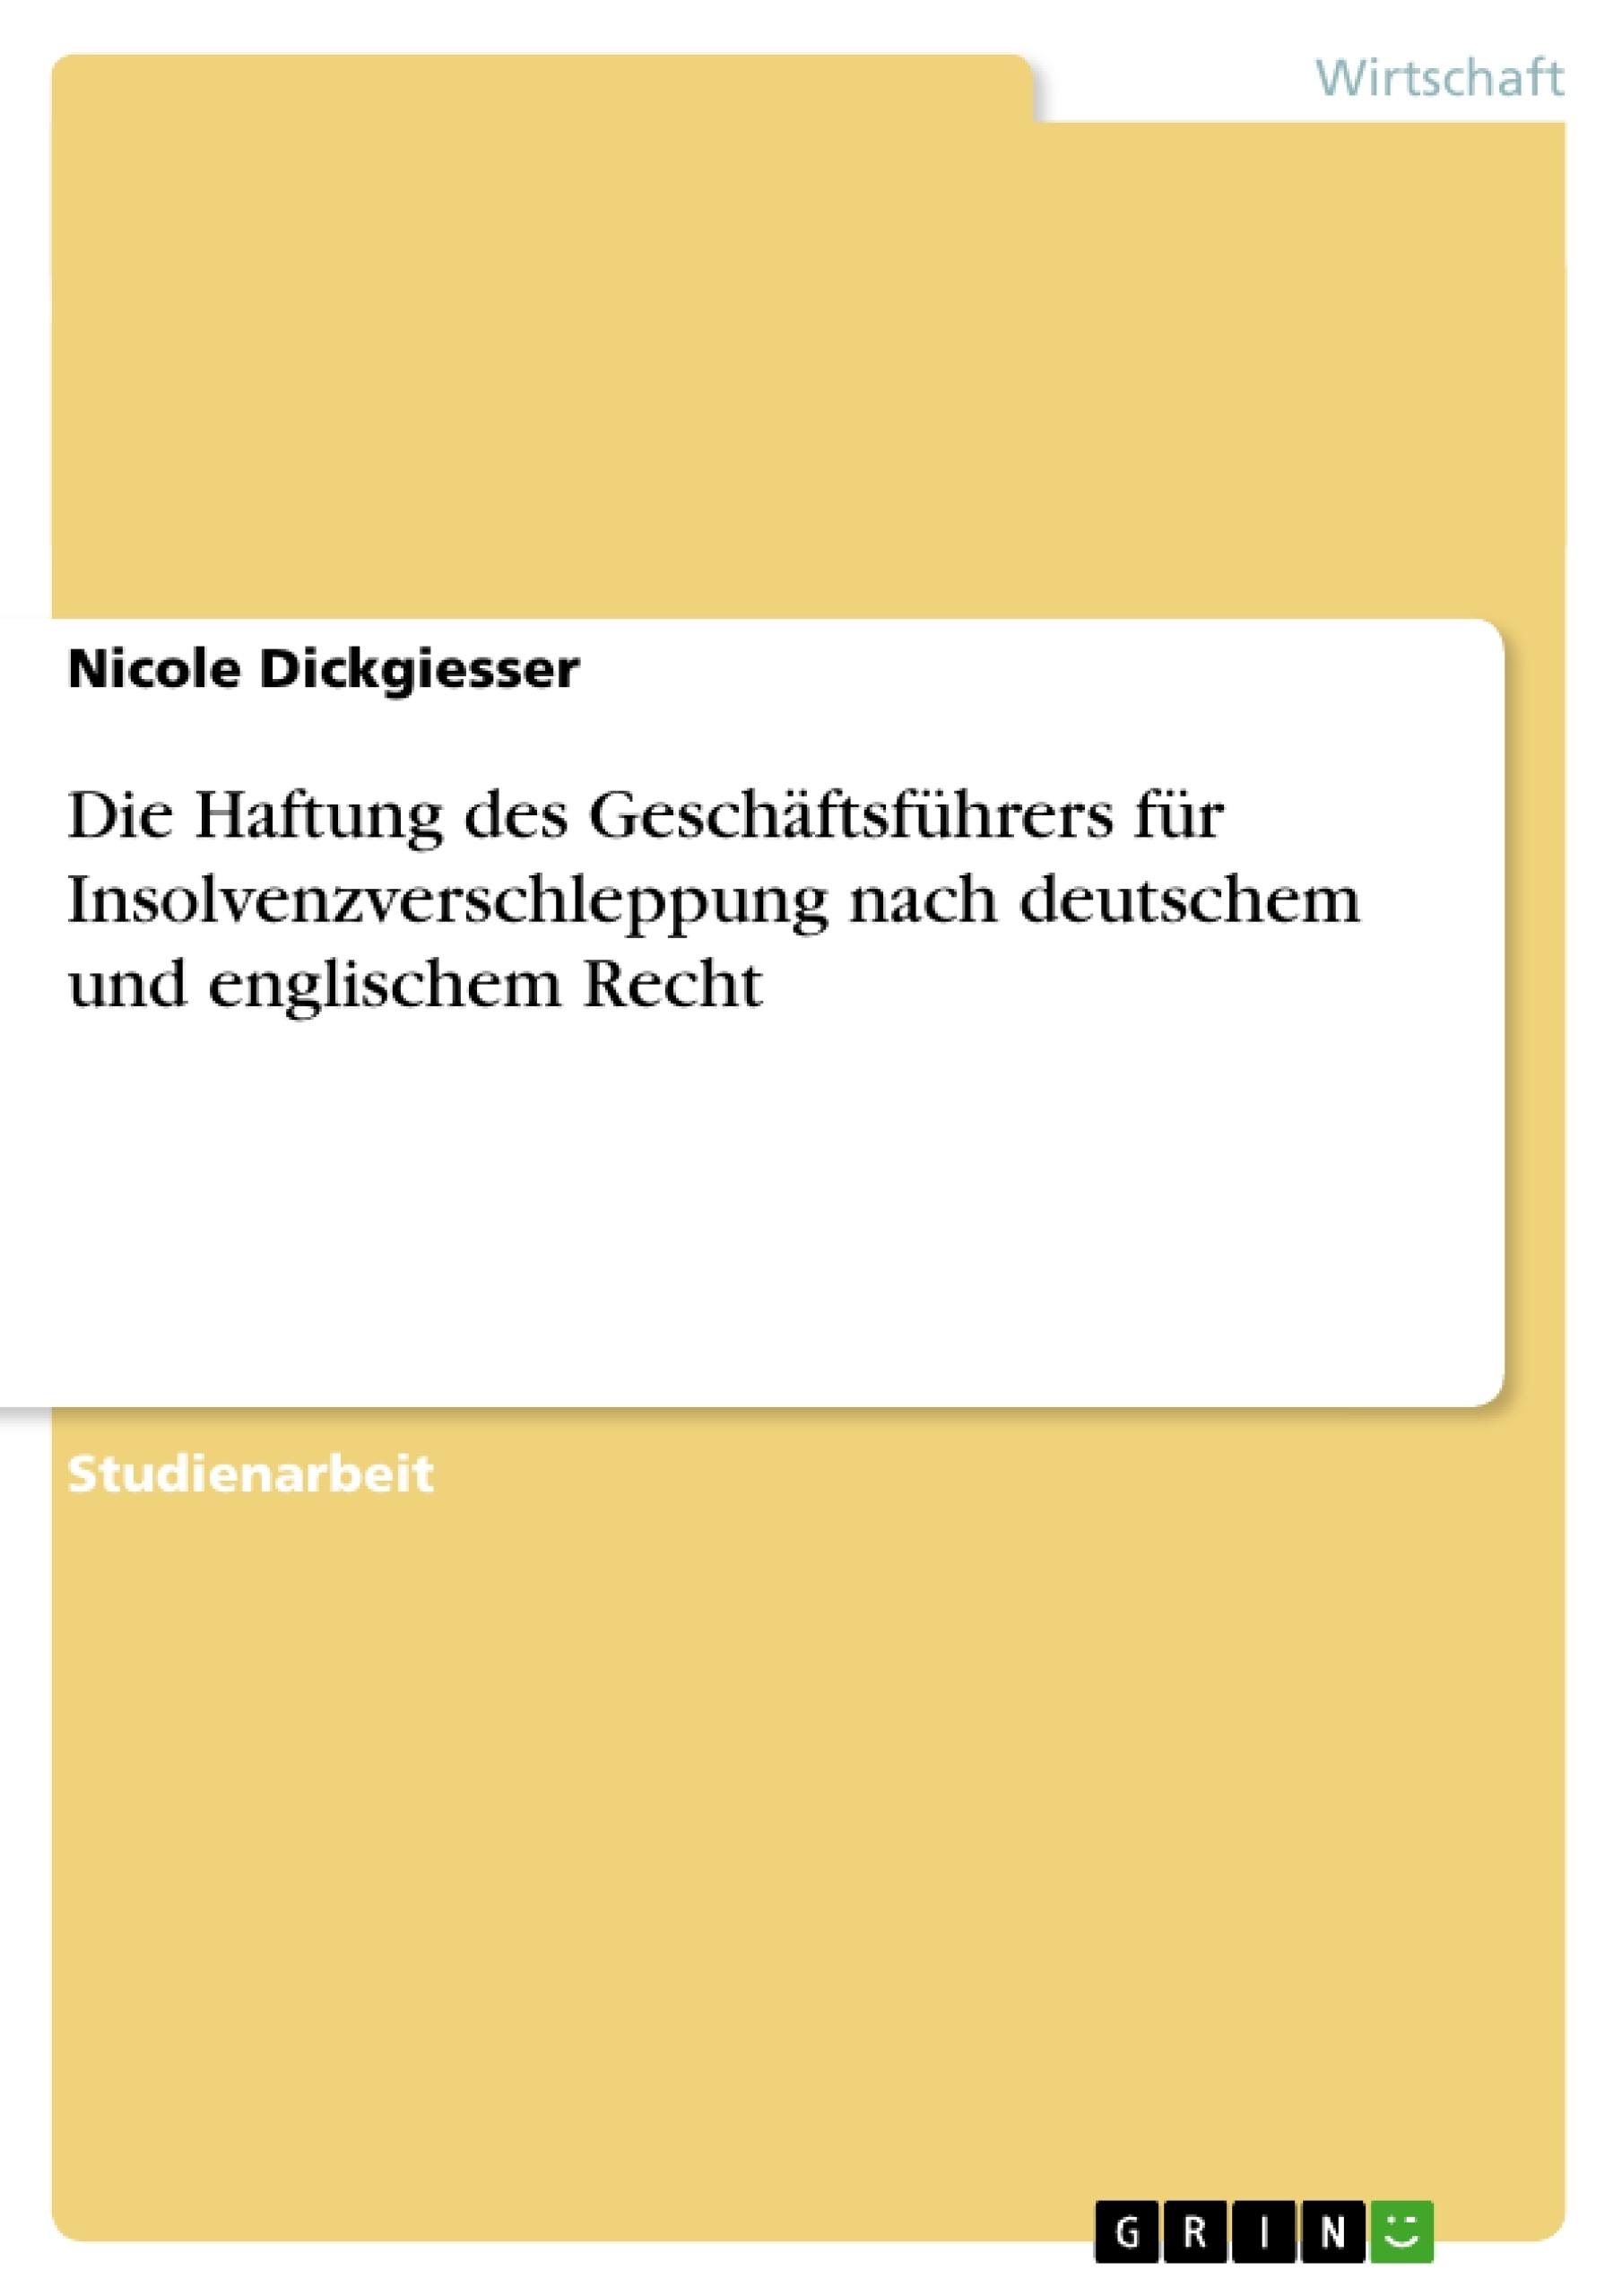 Titel: Die Haftung des Geschäftsführers für Insolvenzverschleppung nach deutschem und englischem Recht